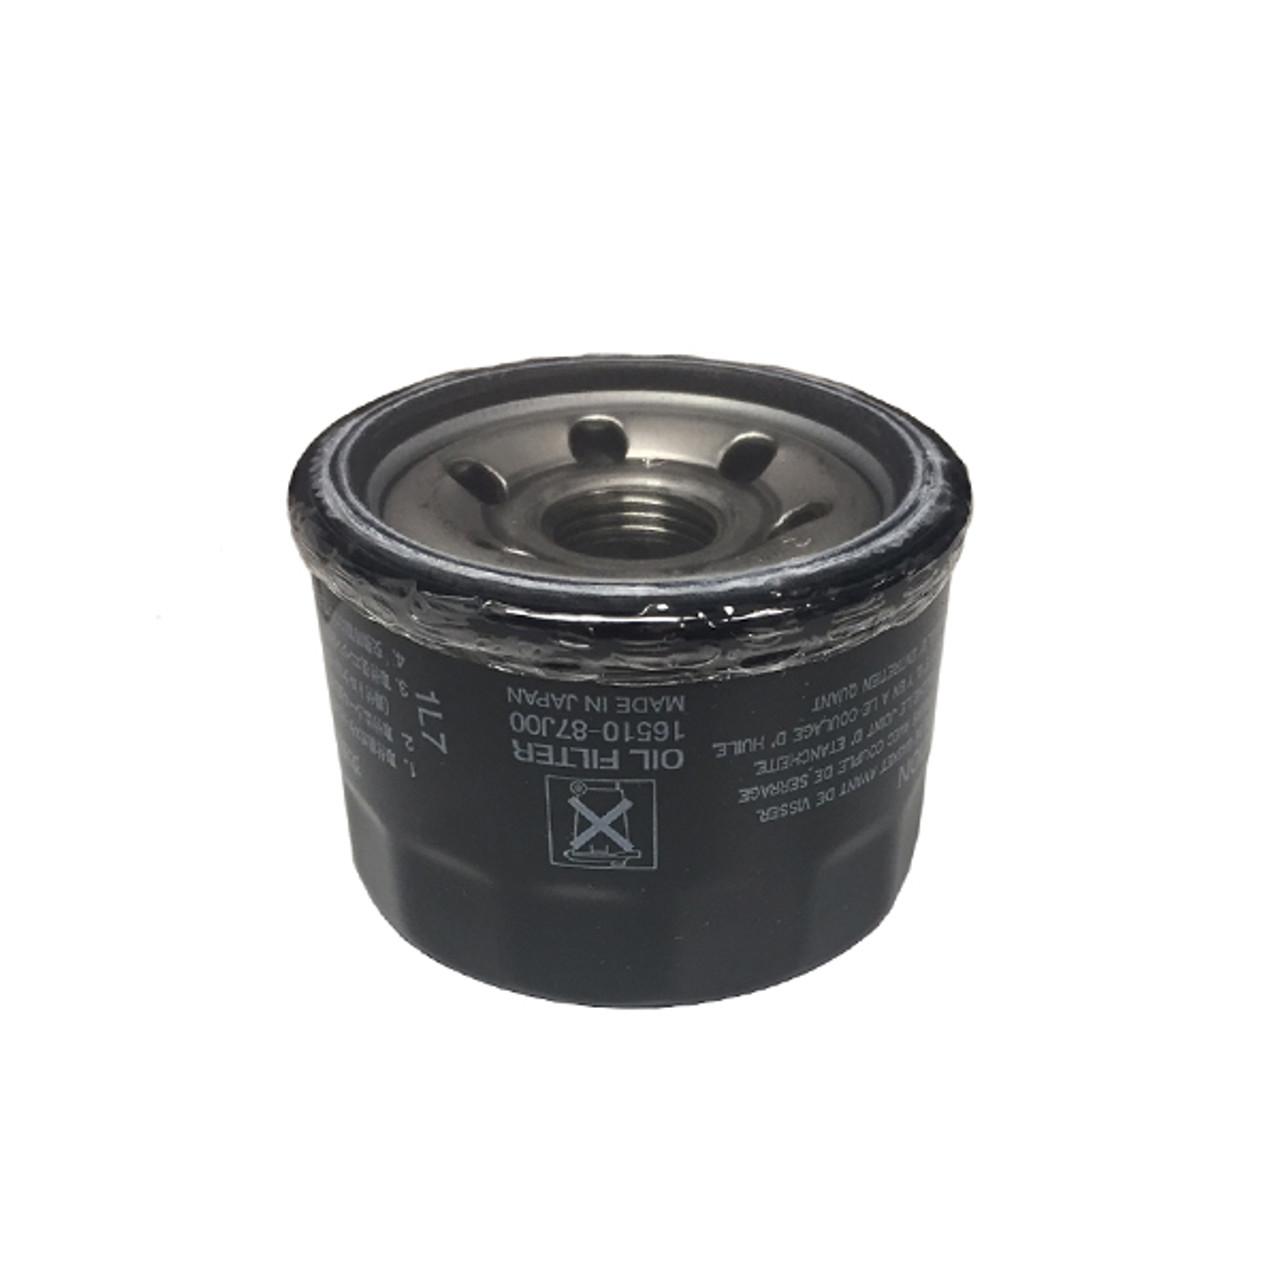 Johnson Evinrude Oil Filter 18-7916